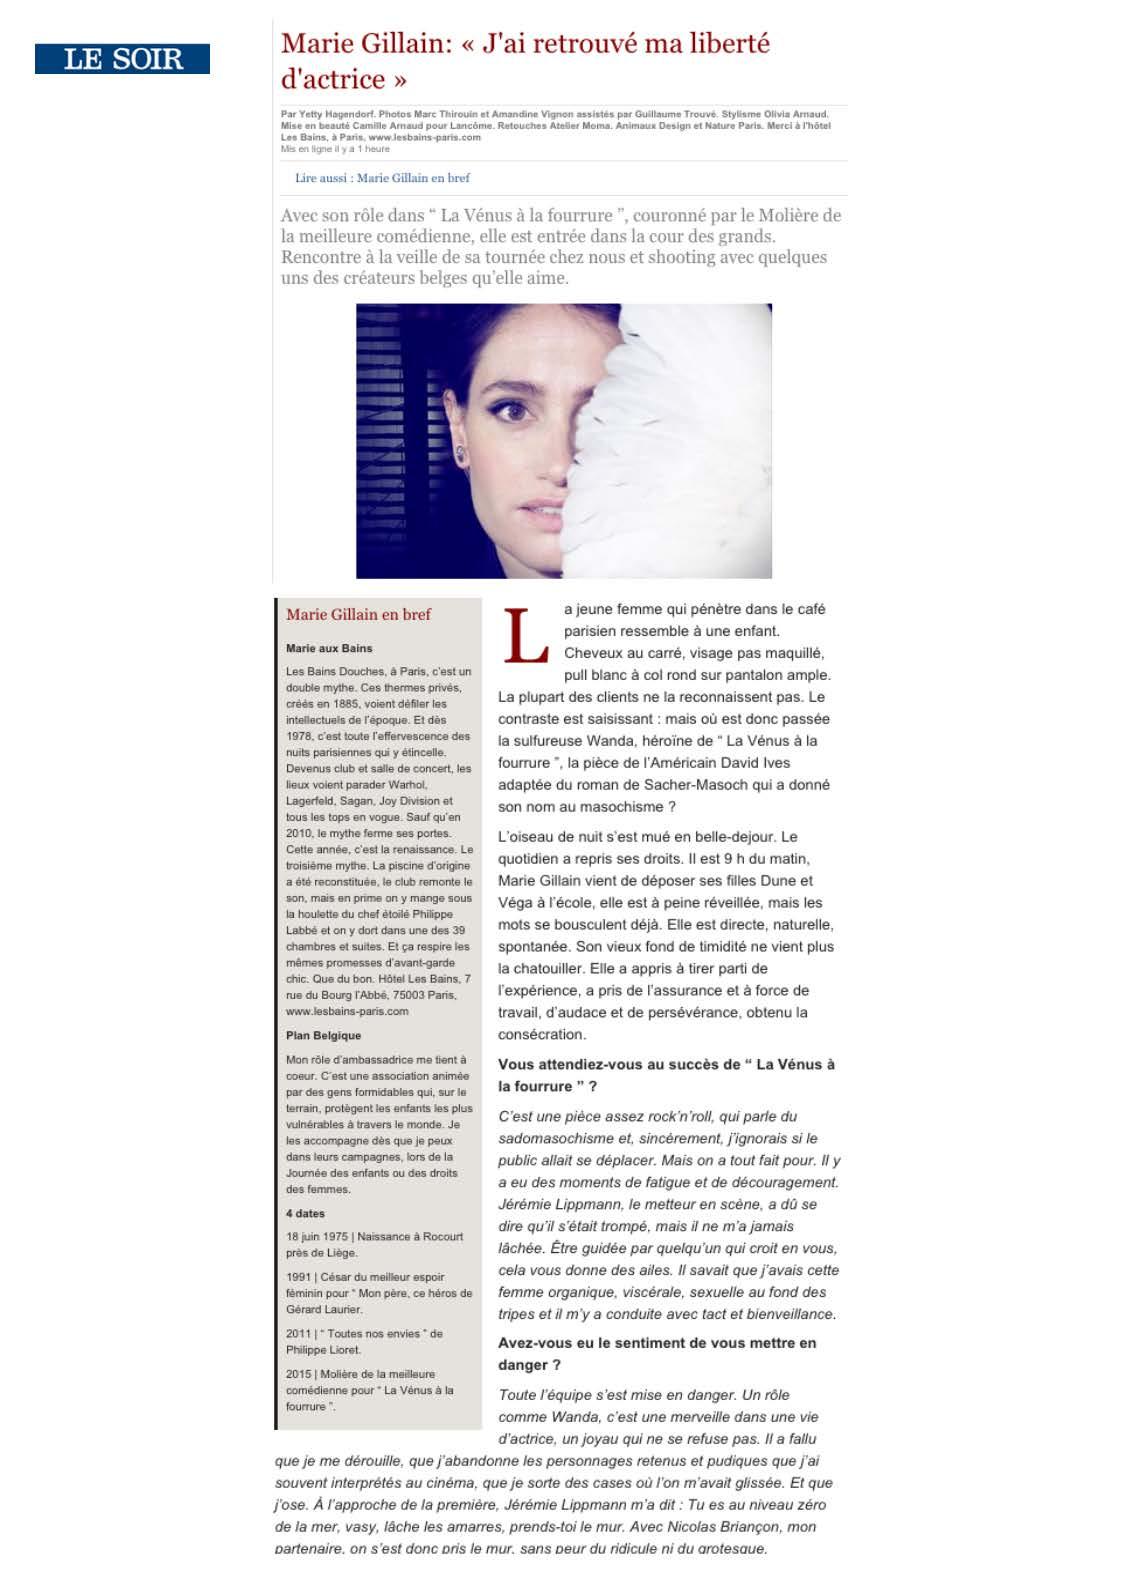 Le Soir 10.06.15 page 1/4